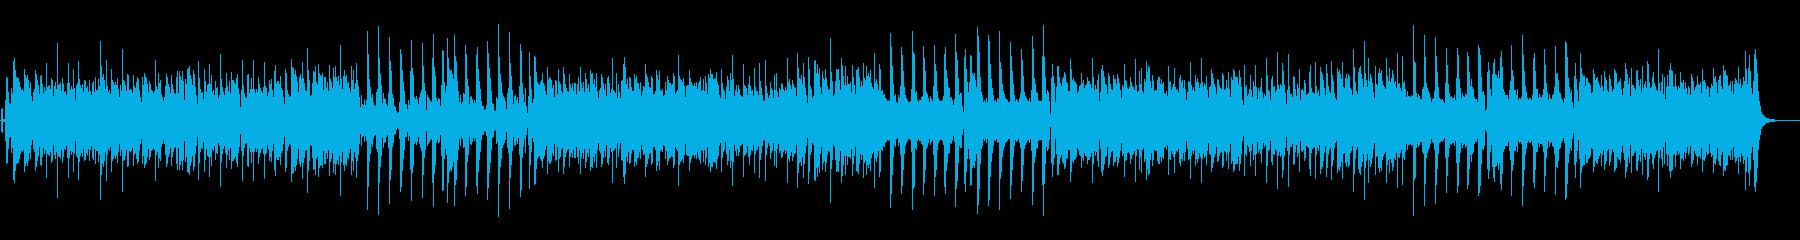 【生音】クランチギターのロックインストの再生済みの波形